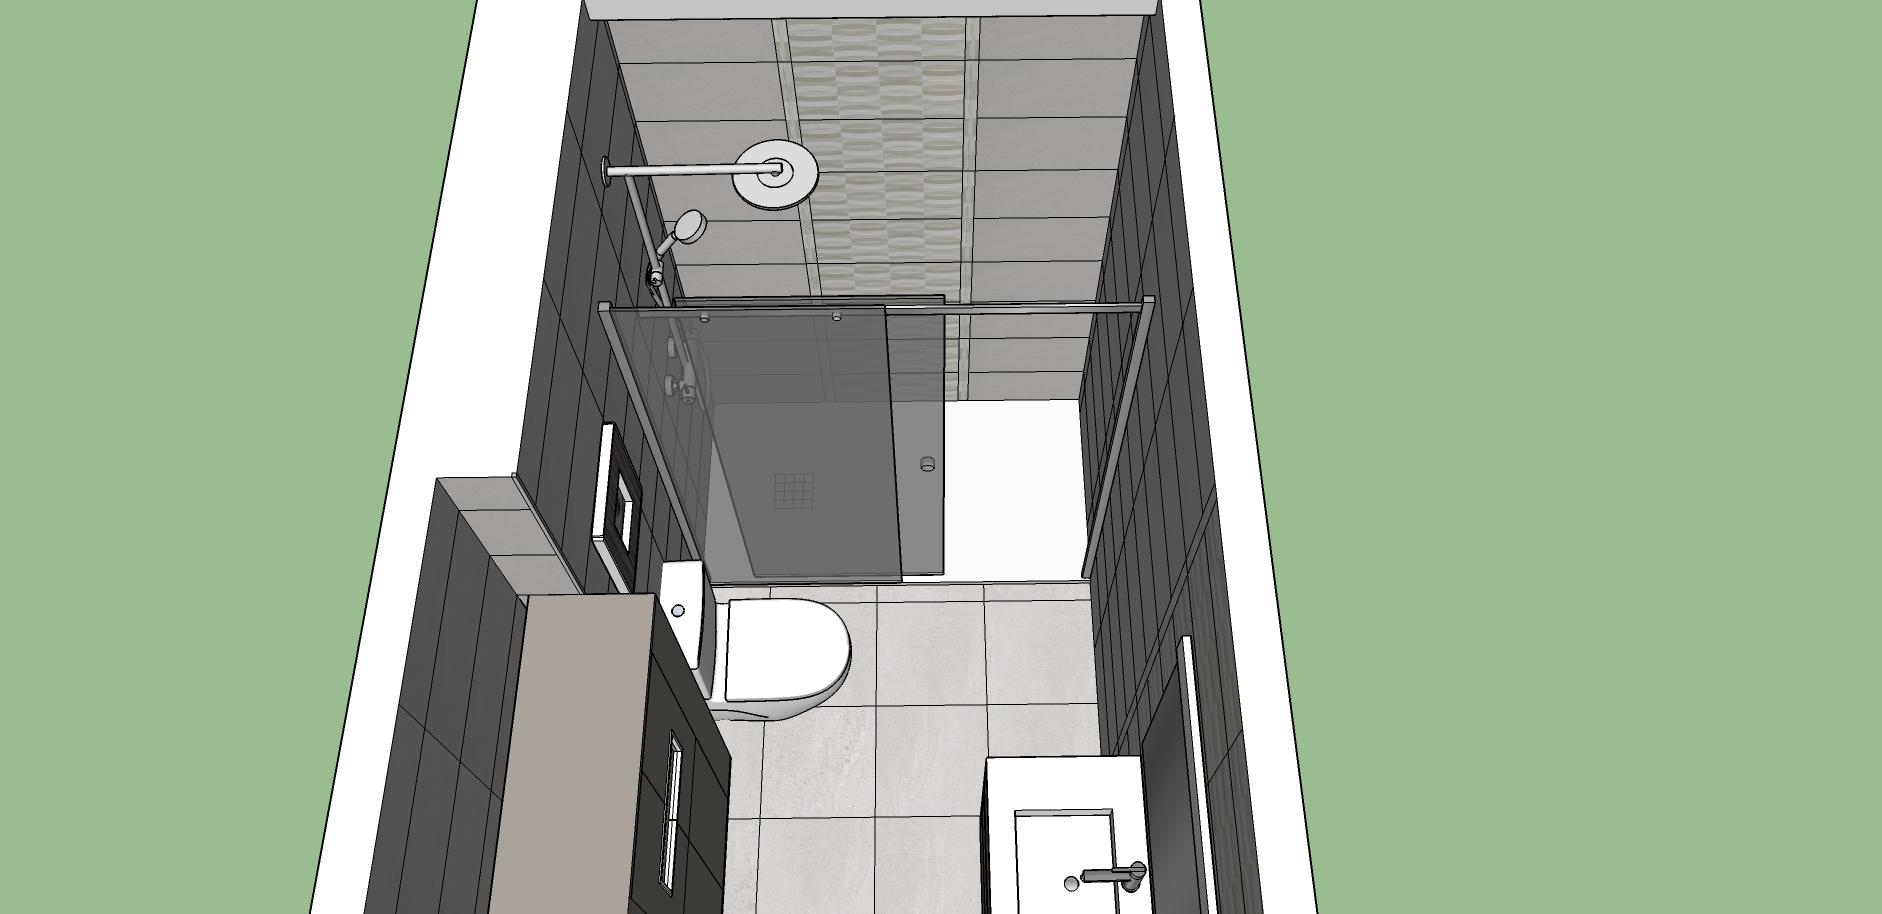 Proyecto 3D-Reforma integral-reforma-coruña-cambio bañera por plato de ducha-contratista-empresa-de-reformas-renueve su casa-reforma baño-reforma cocina-cocinas express_9